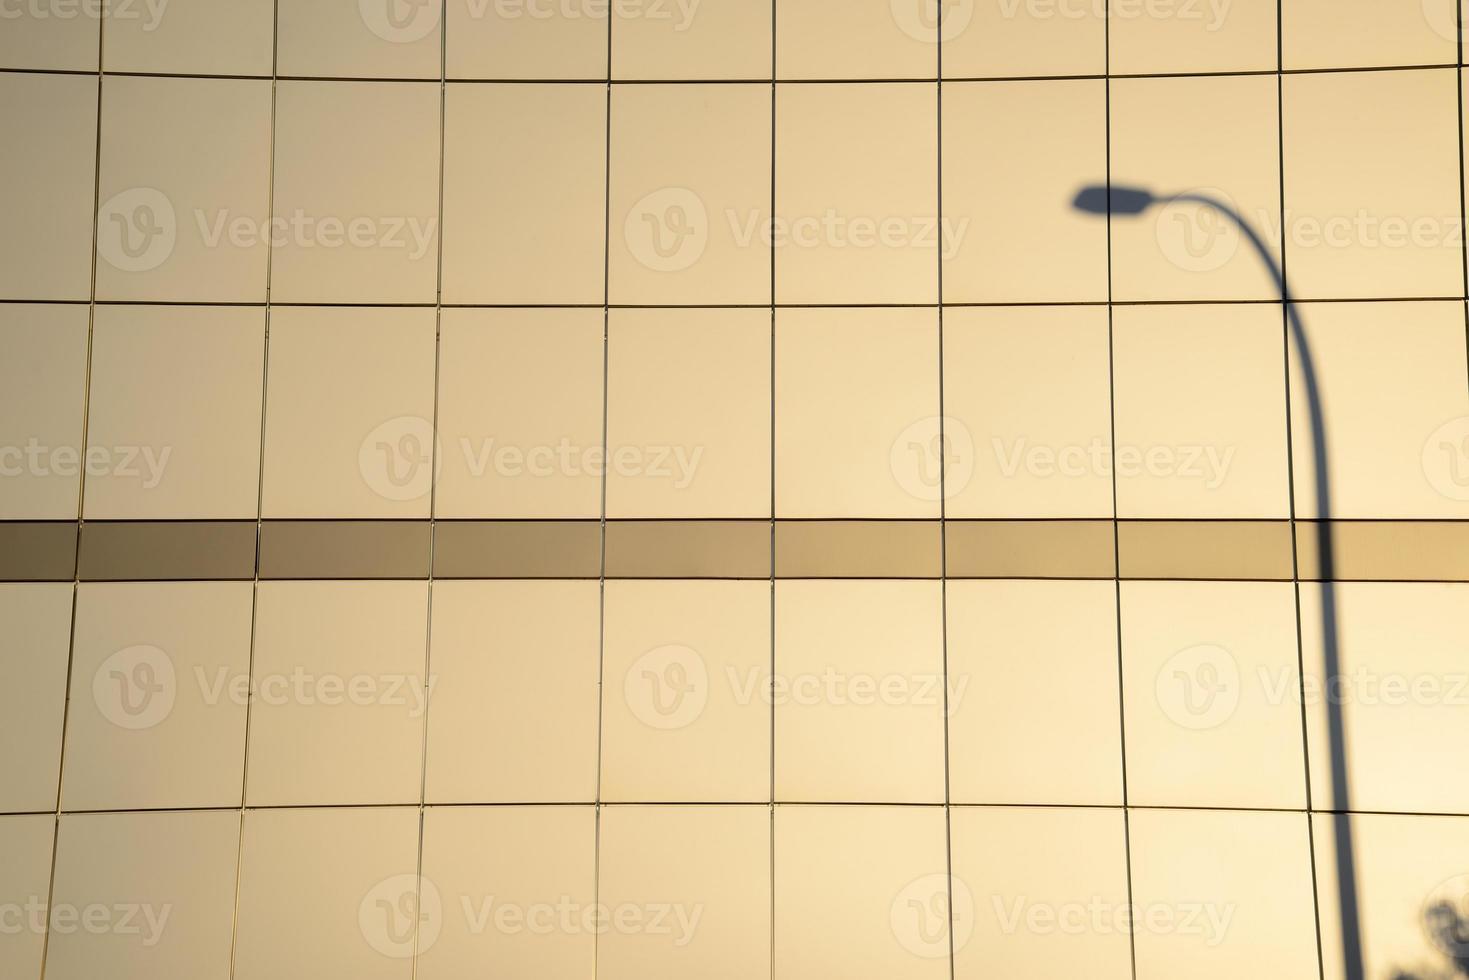 fasad på en byggnad i skuggan av en lyktstolpe. foto